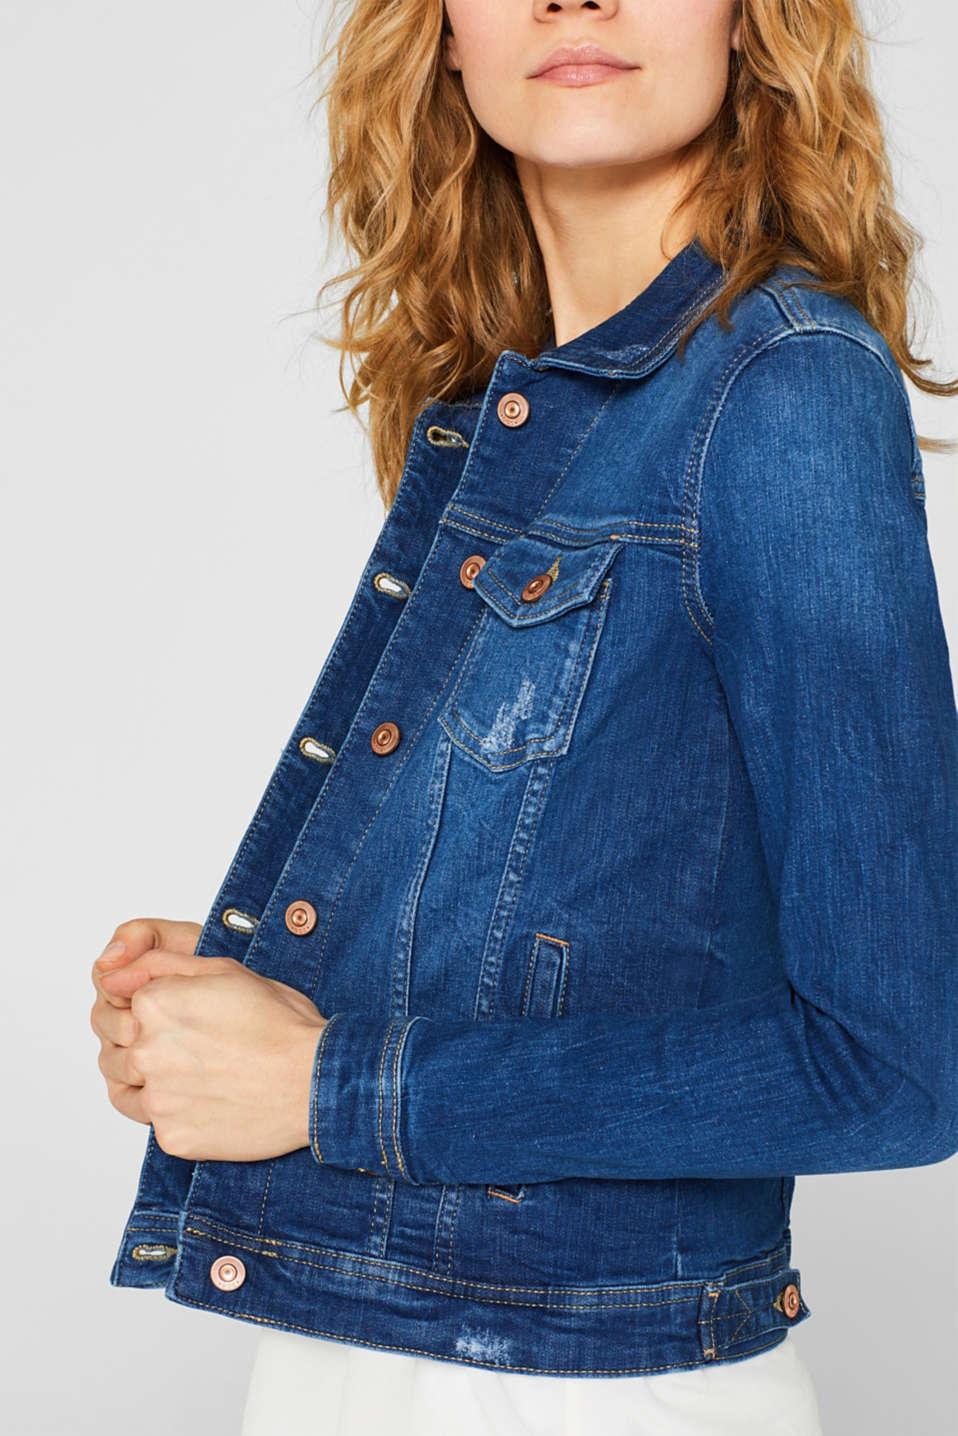 Jackets indoor denim, BLUE MEDIUM WASH, detail image number 5